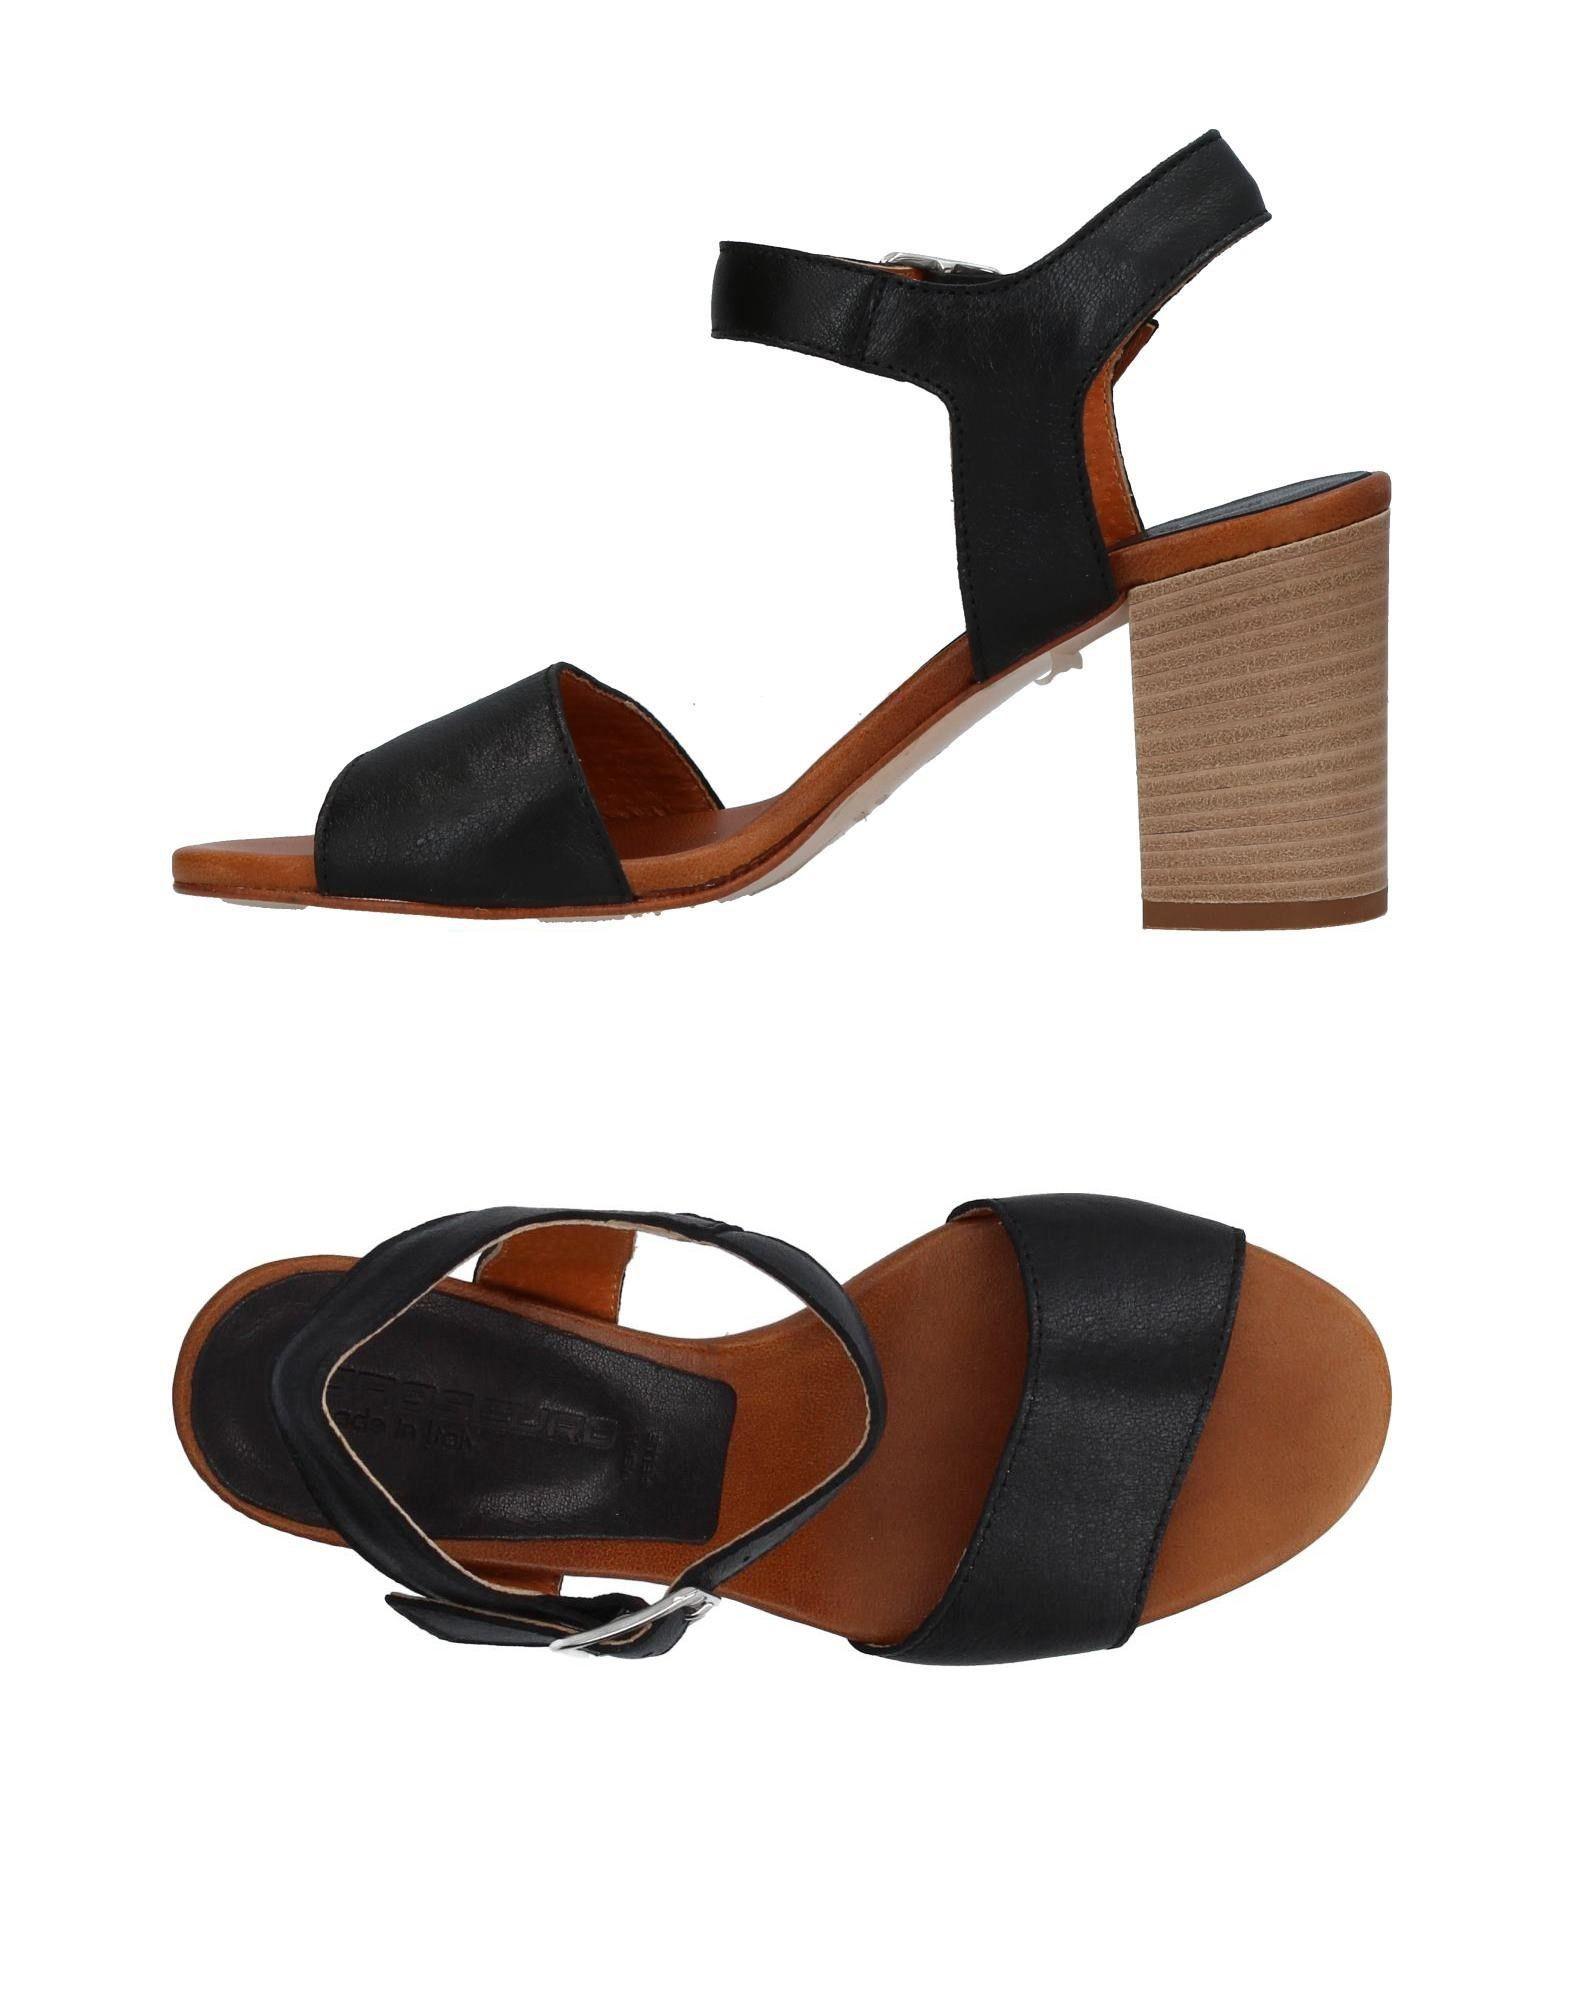 OROSCURO Damen Sandale Farbe Schwarz Größe 7 - broschei